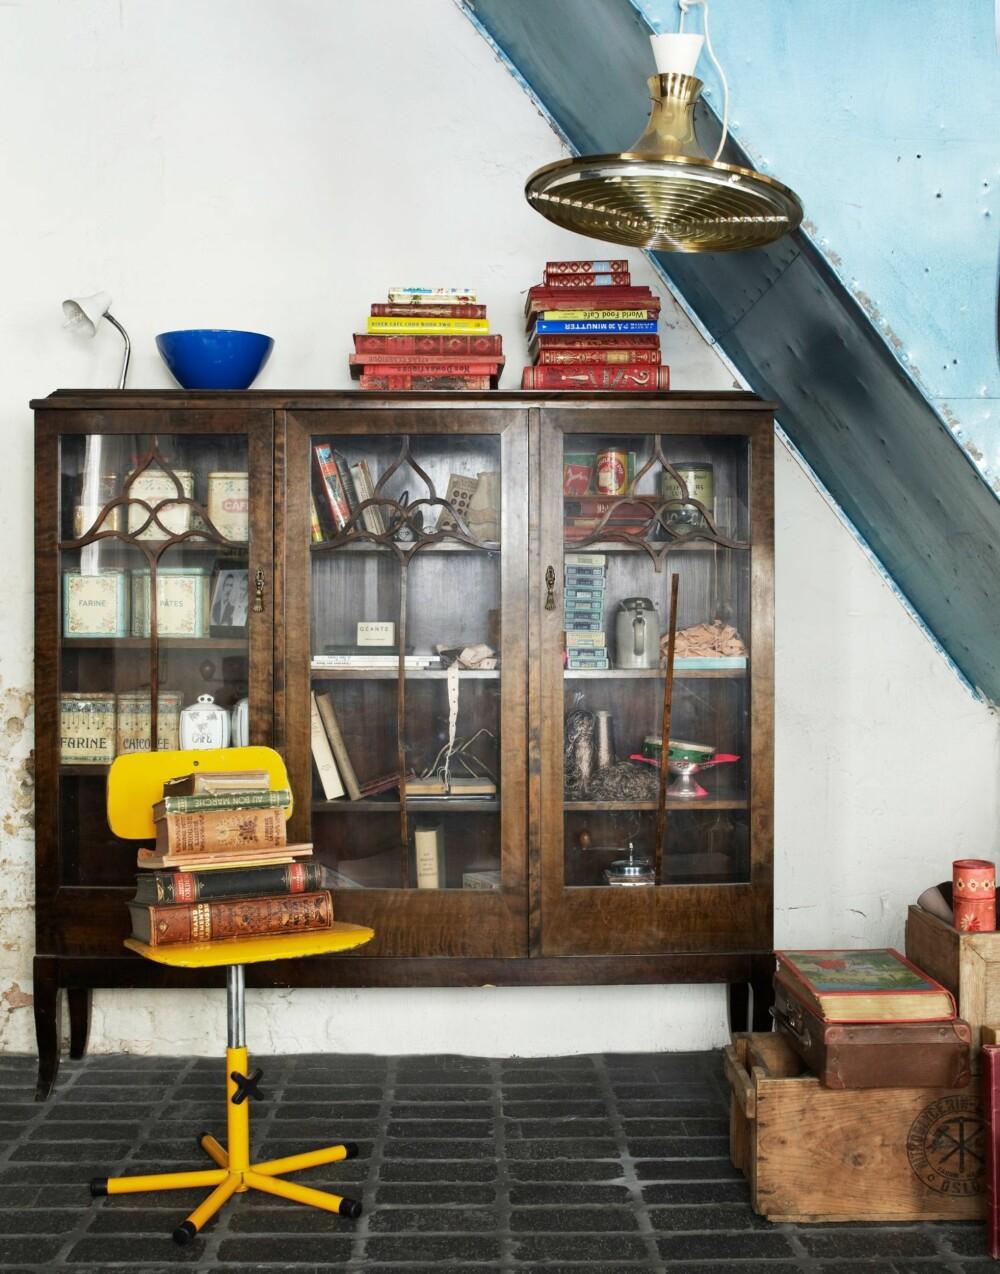 MANGE SKATTER: Det gamle familieskapet under trappen rommer franske skatter. På toppen ligger en blanding av franske bøker og norske kokebøker. 60-tallslampen i taket er kjøpt på loppemarked i Norge.